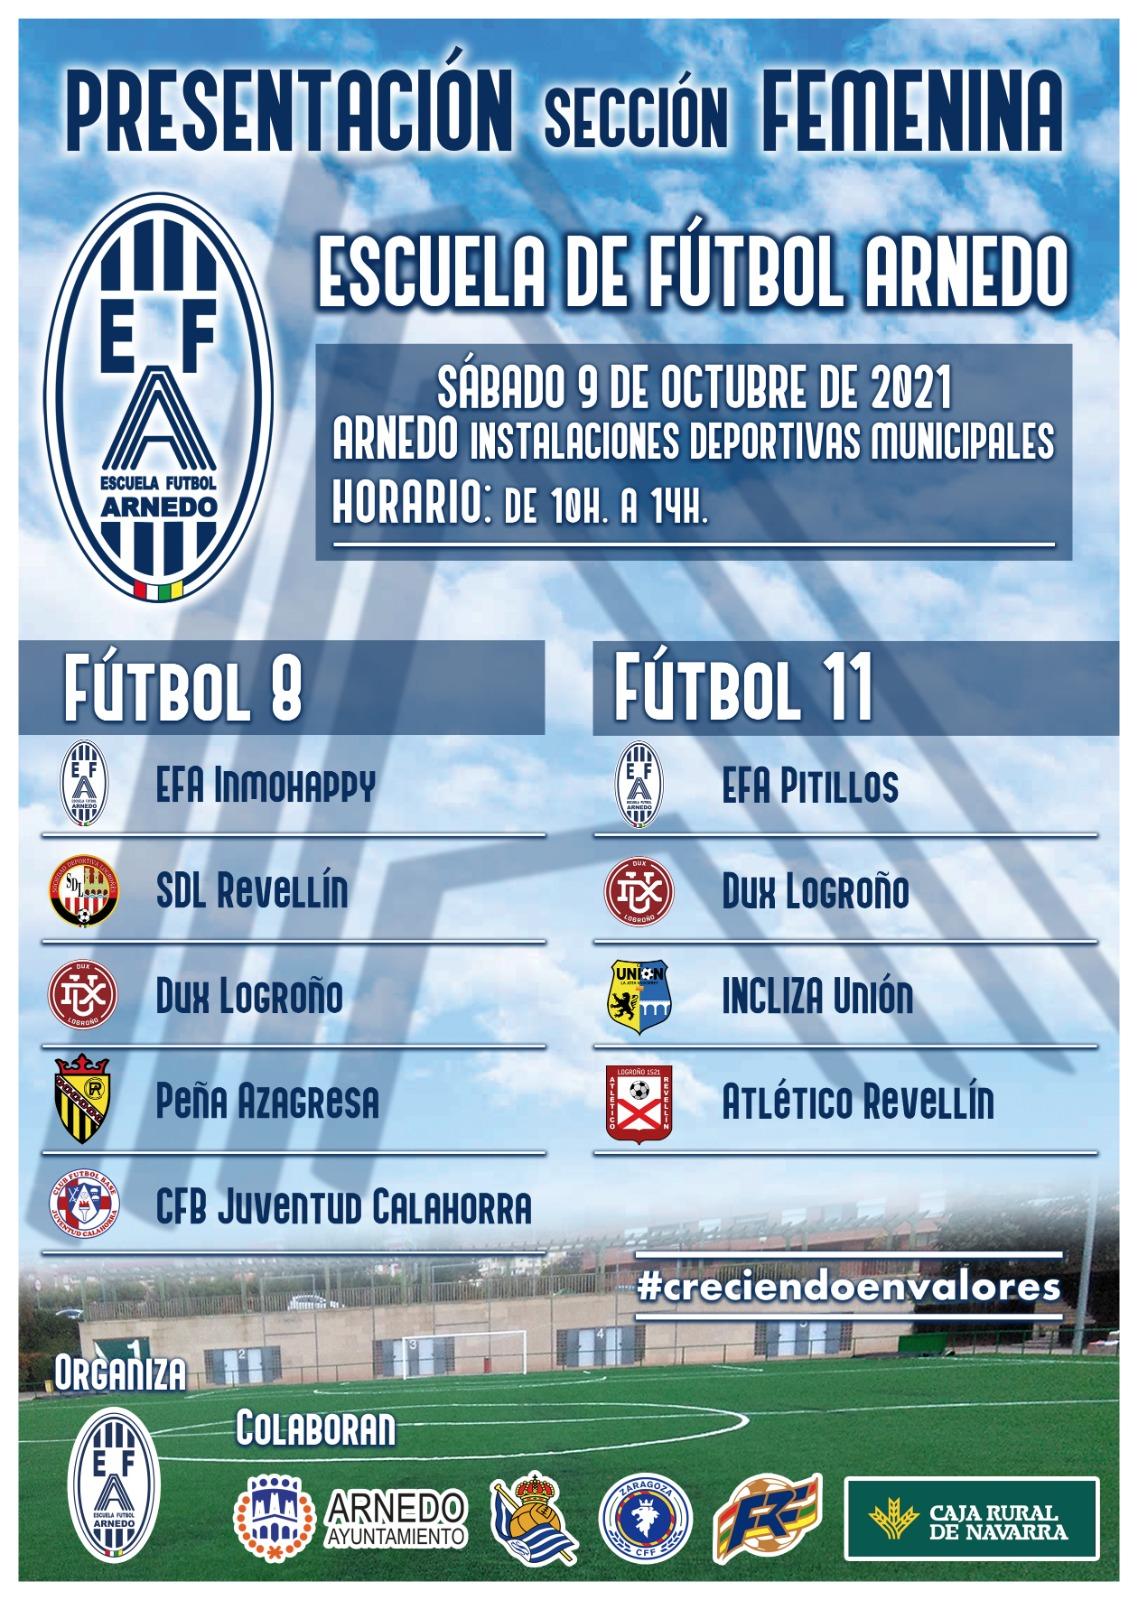 Escuela de Fútbol de Arnedo